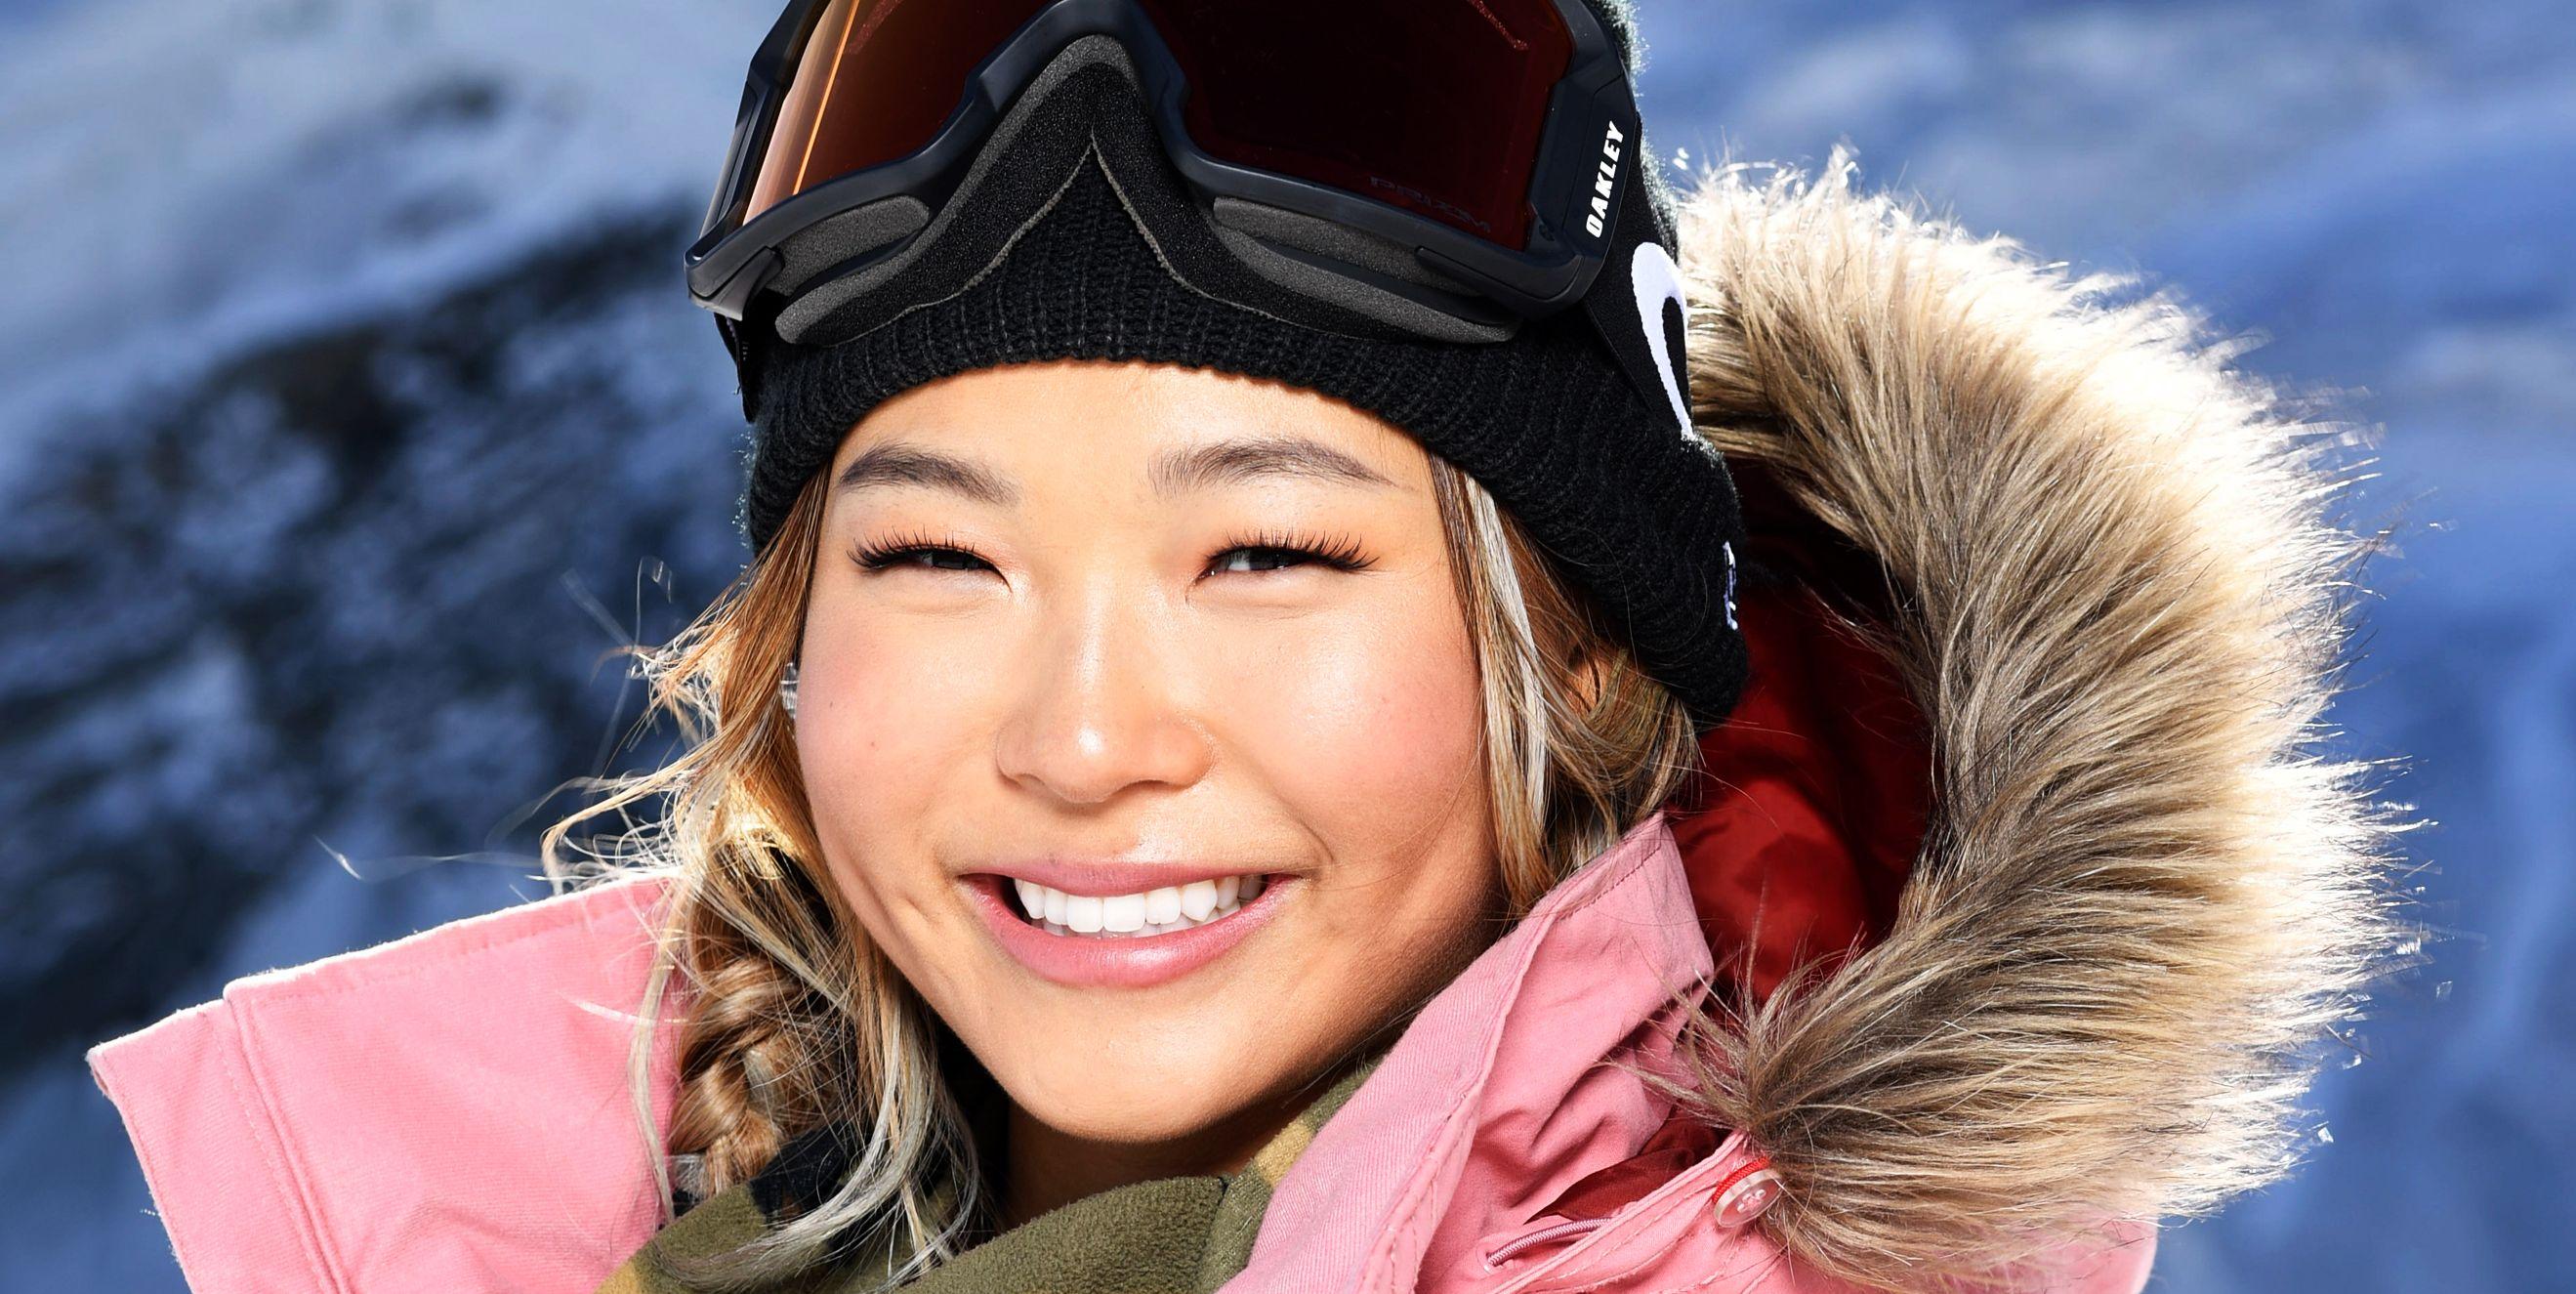 Spoiler alert: this snowboarder has killer skincare tips for winter.